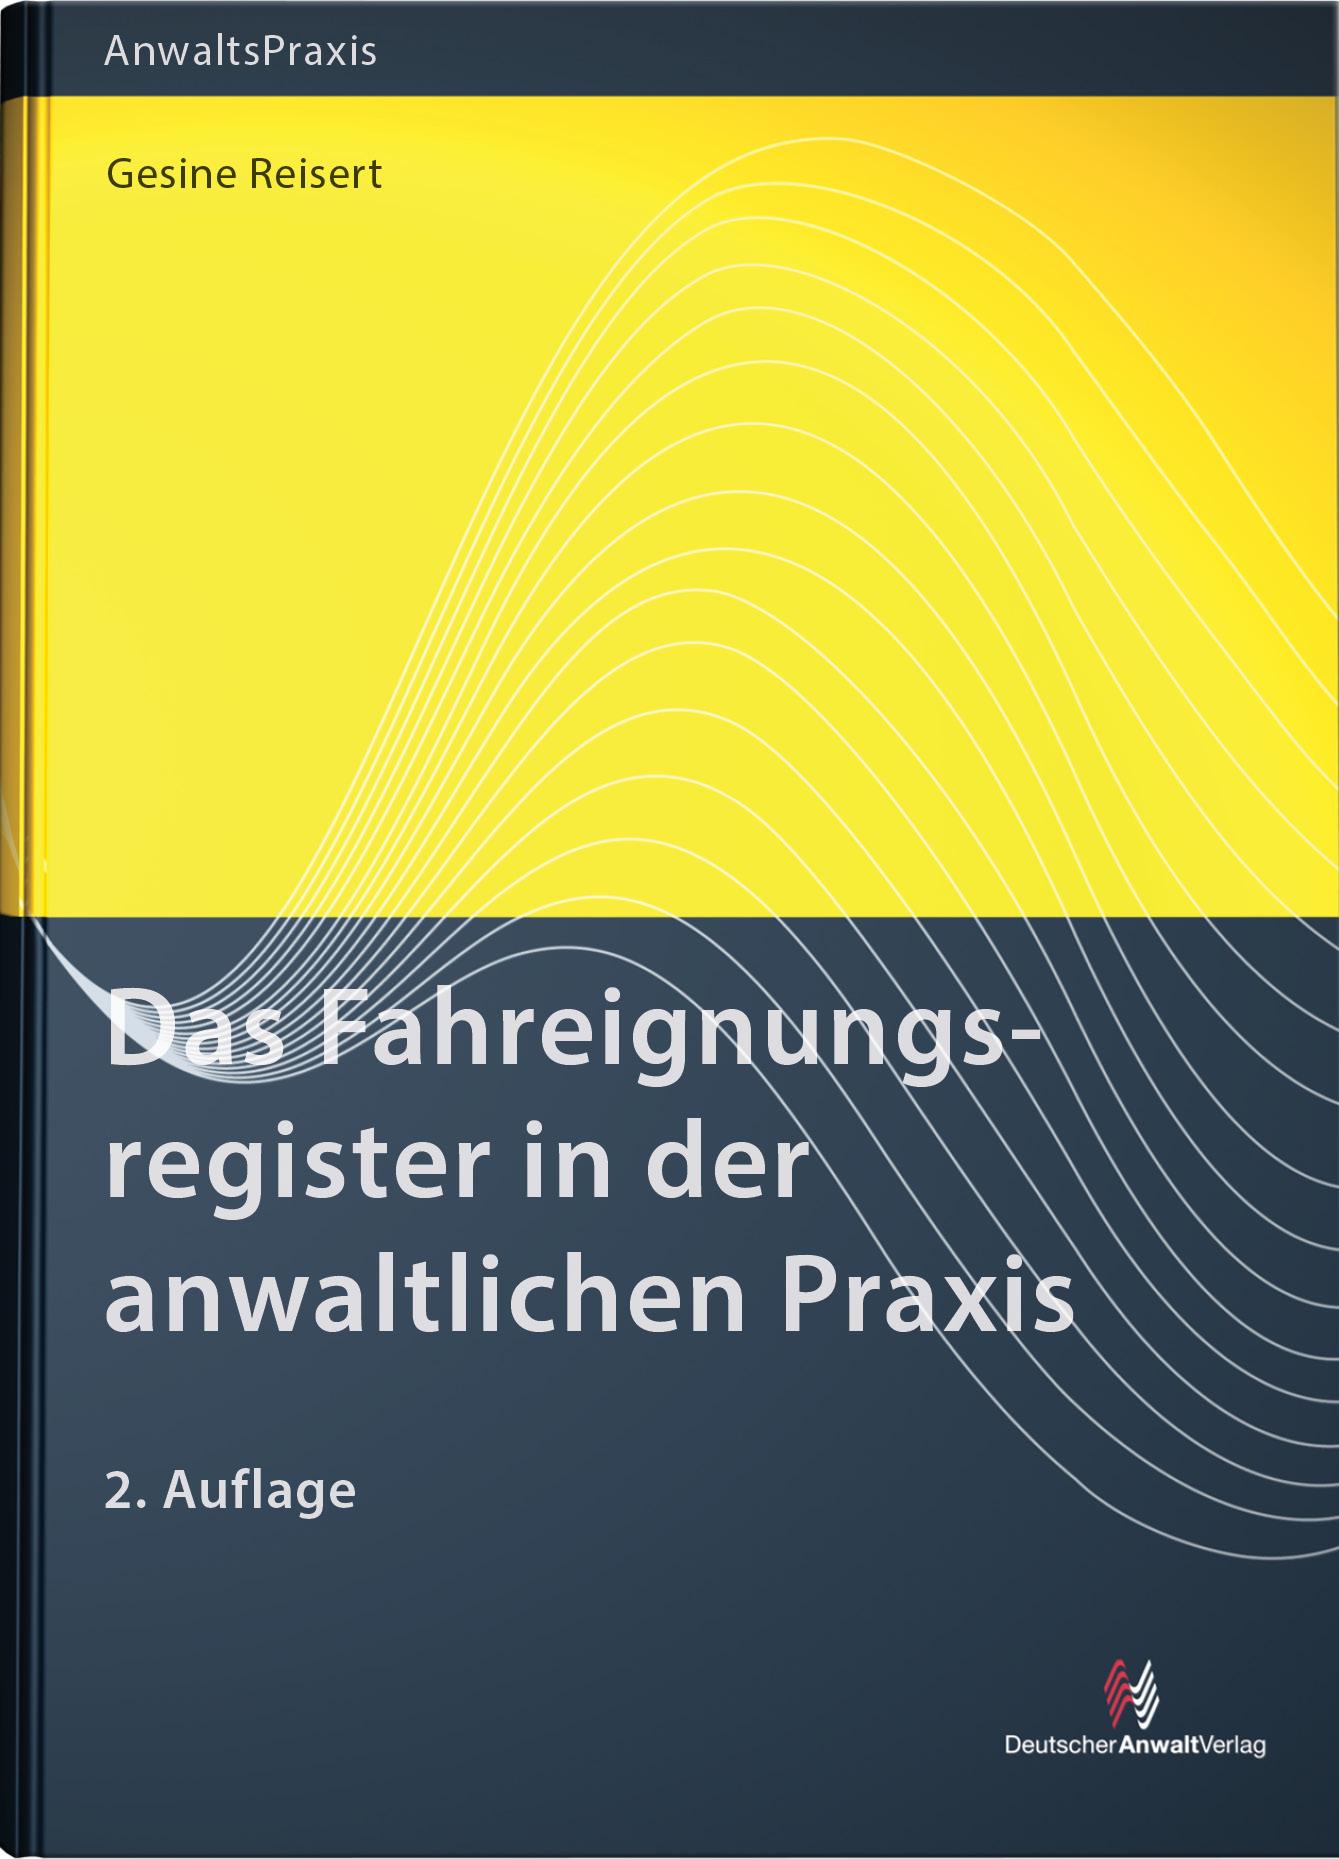 Das-Fahreignungsregister-in-der-anwaltlichen-Praxis-Gesine-Reisert